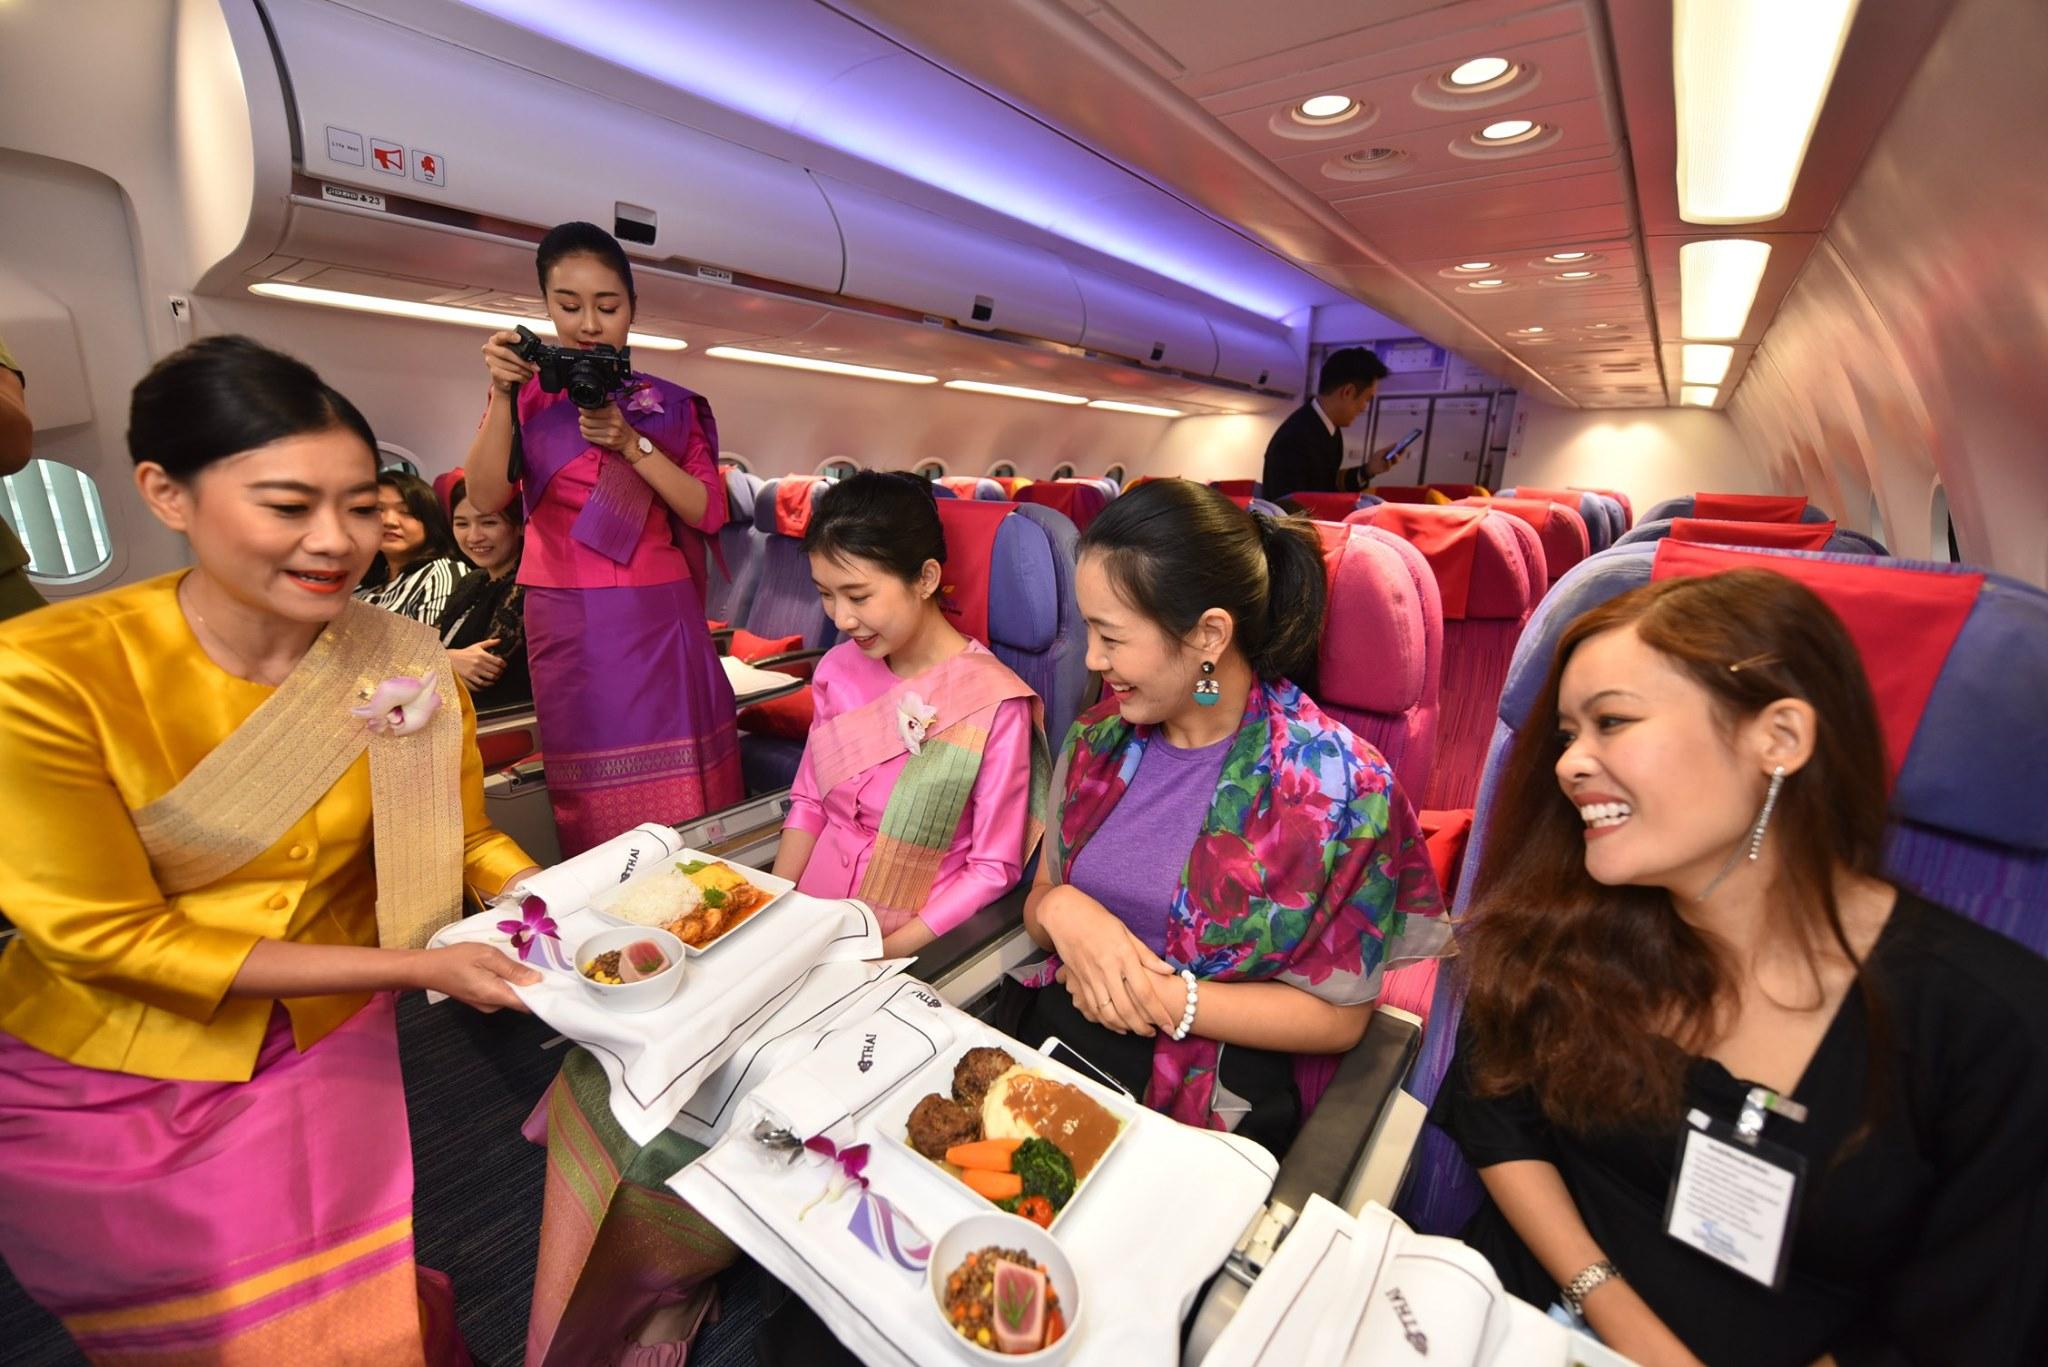 Thai Airways inviterer private indenfor til underholdende oplevelser. Foto: Thai Airways